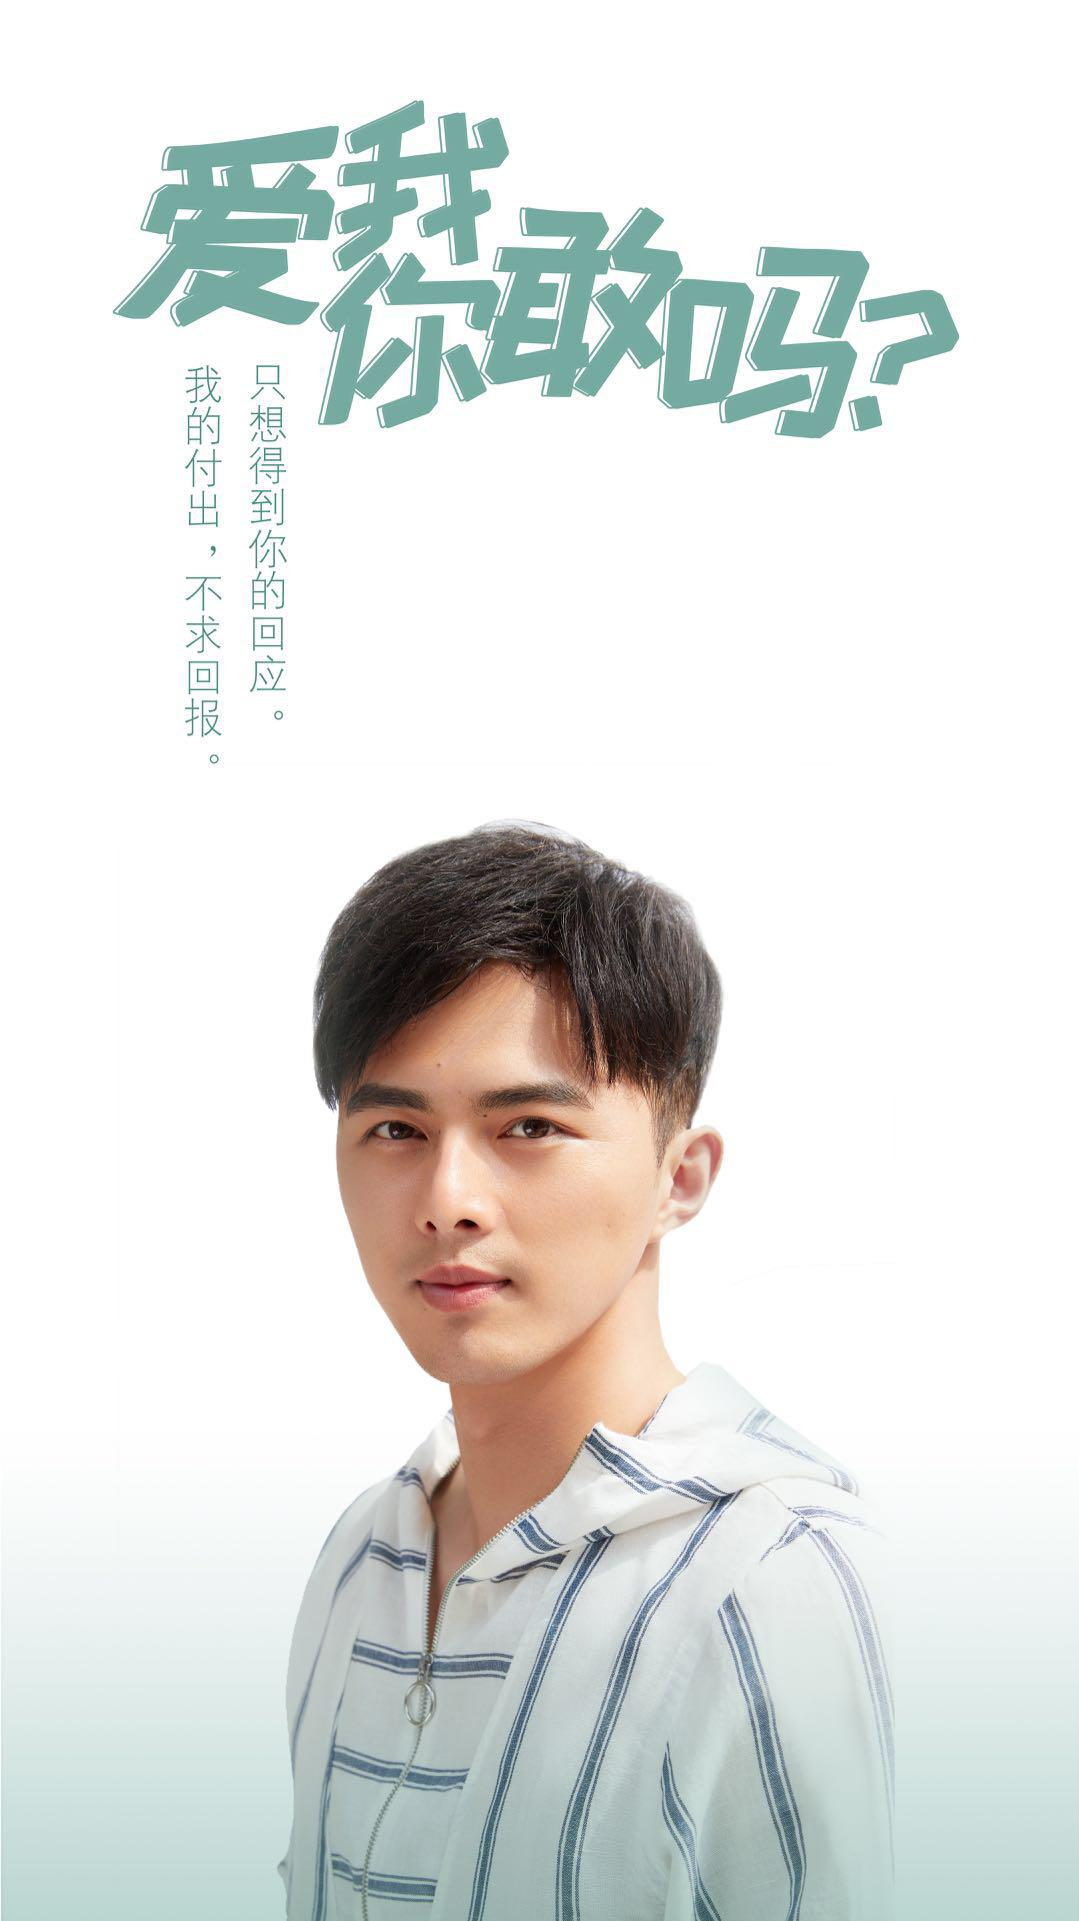 《爱我,你敢吗?》亮相秋推会 韩庚王晓晨帮你治恐婚症